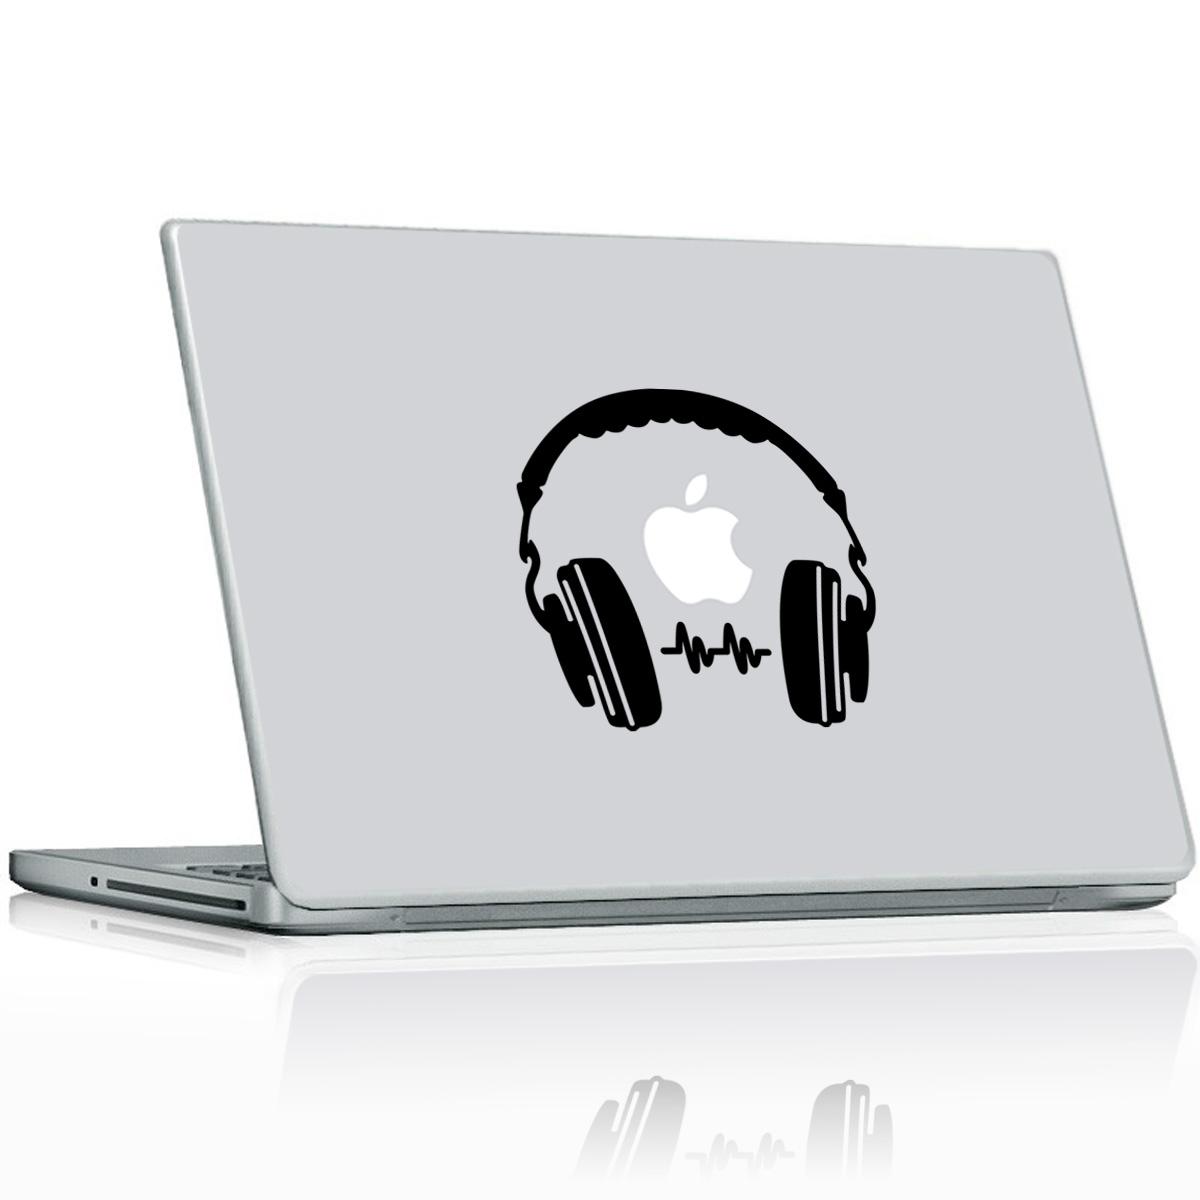 stickers ordinateurs portables sticker casques pour mac. Black Bedroom Furniture Sets. Home Design Ideas